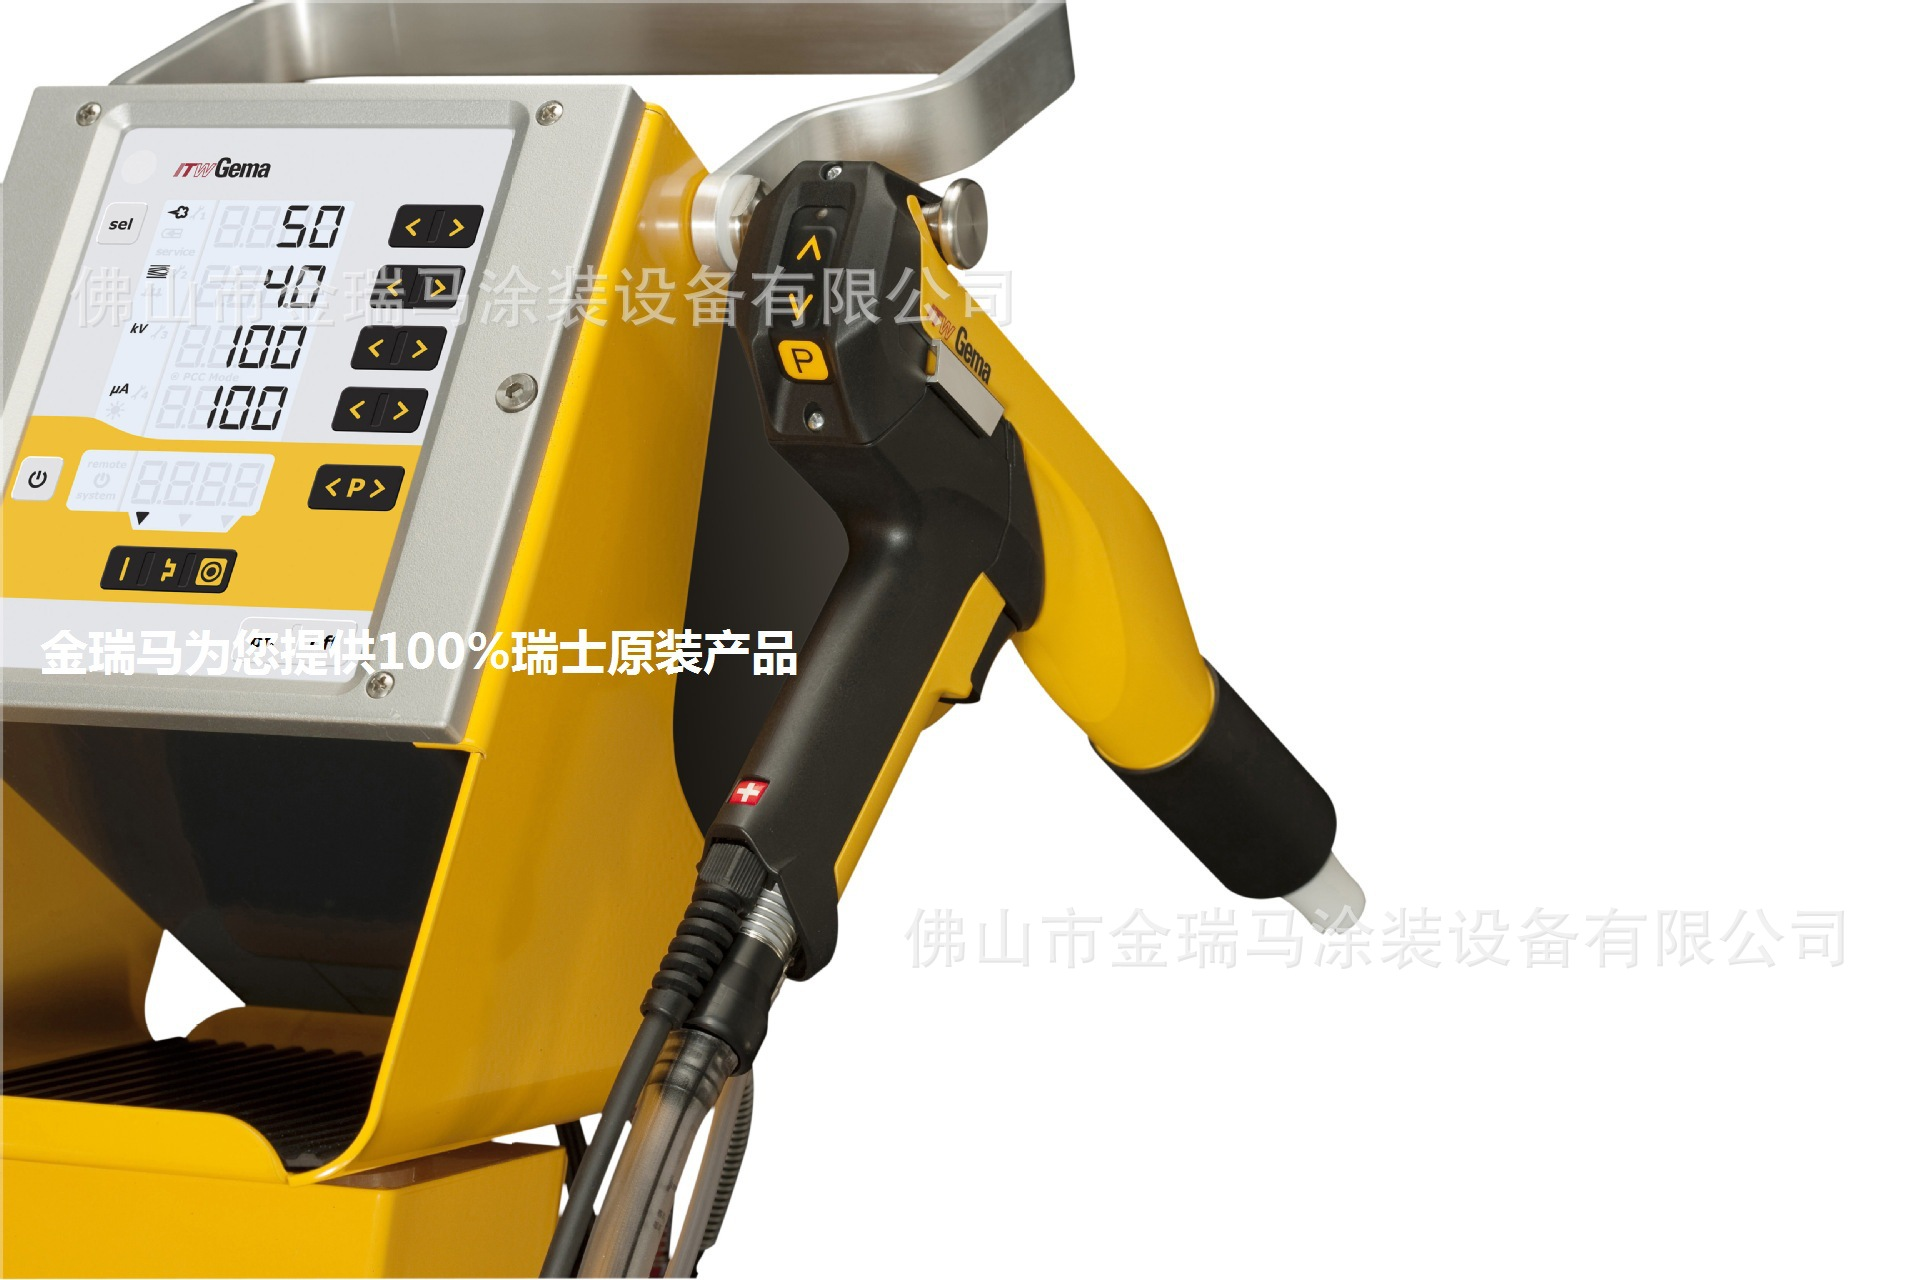 瑞士金马OptiFlex 静电喷枪 扁平喷嘴 耐磨进口材质